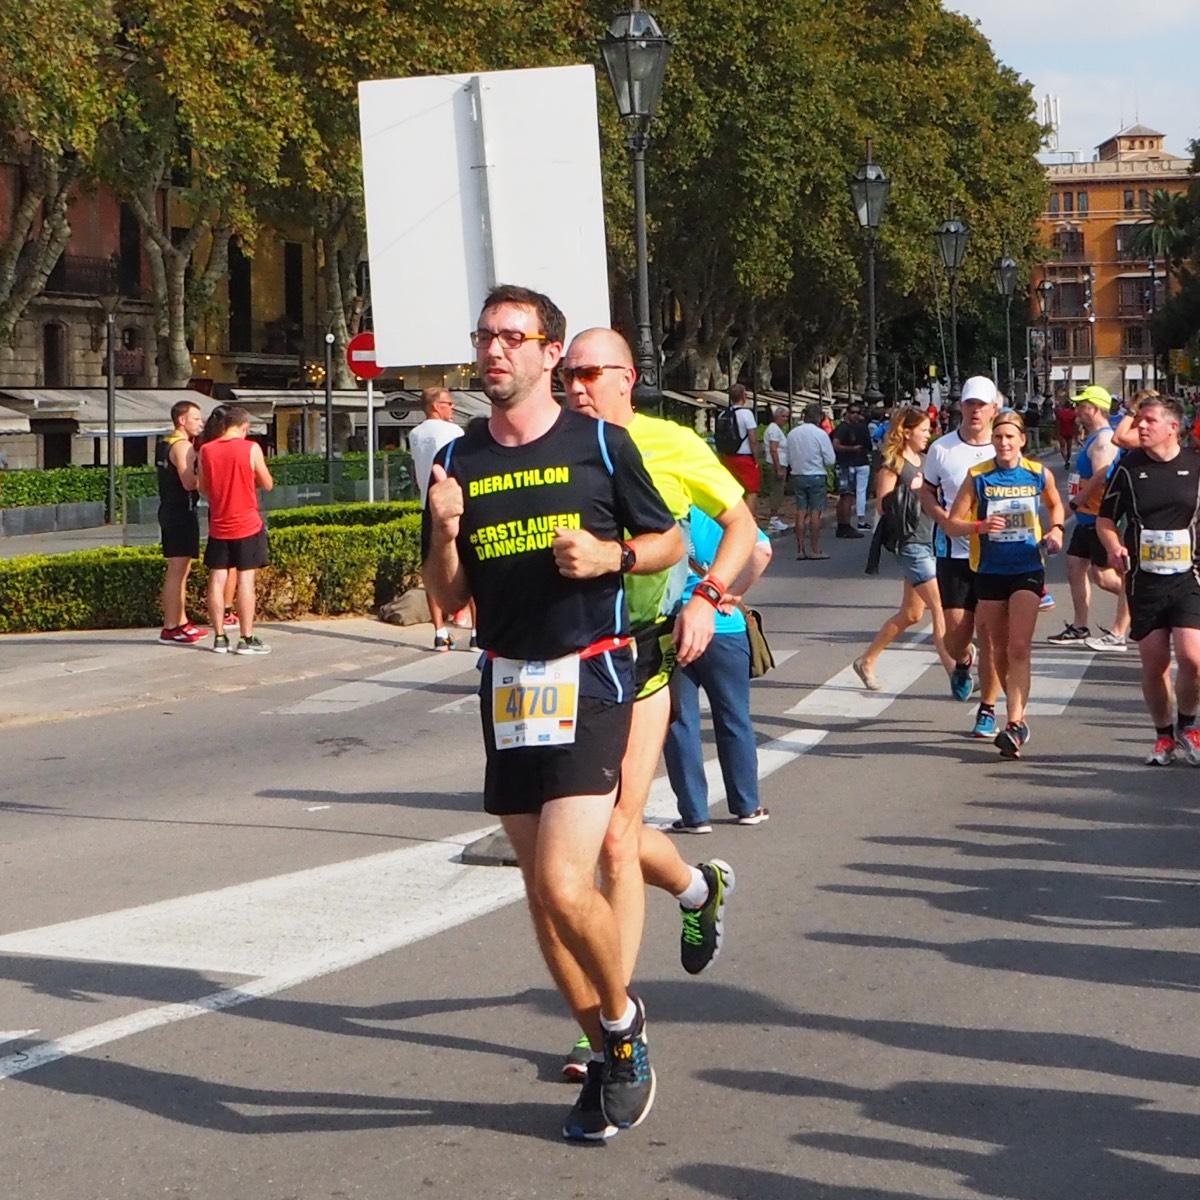 Bierathlon Palma Marathon